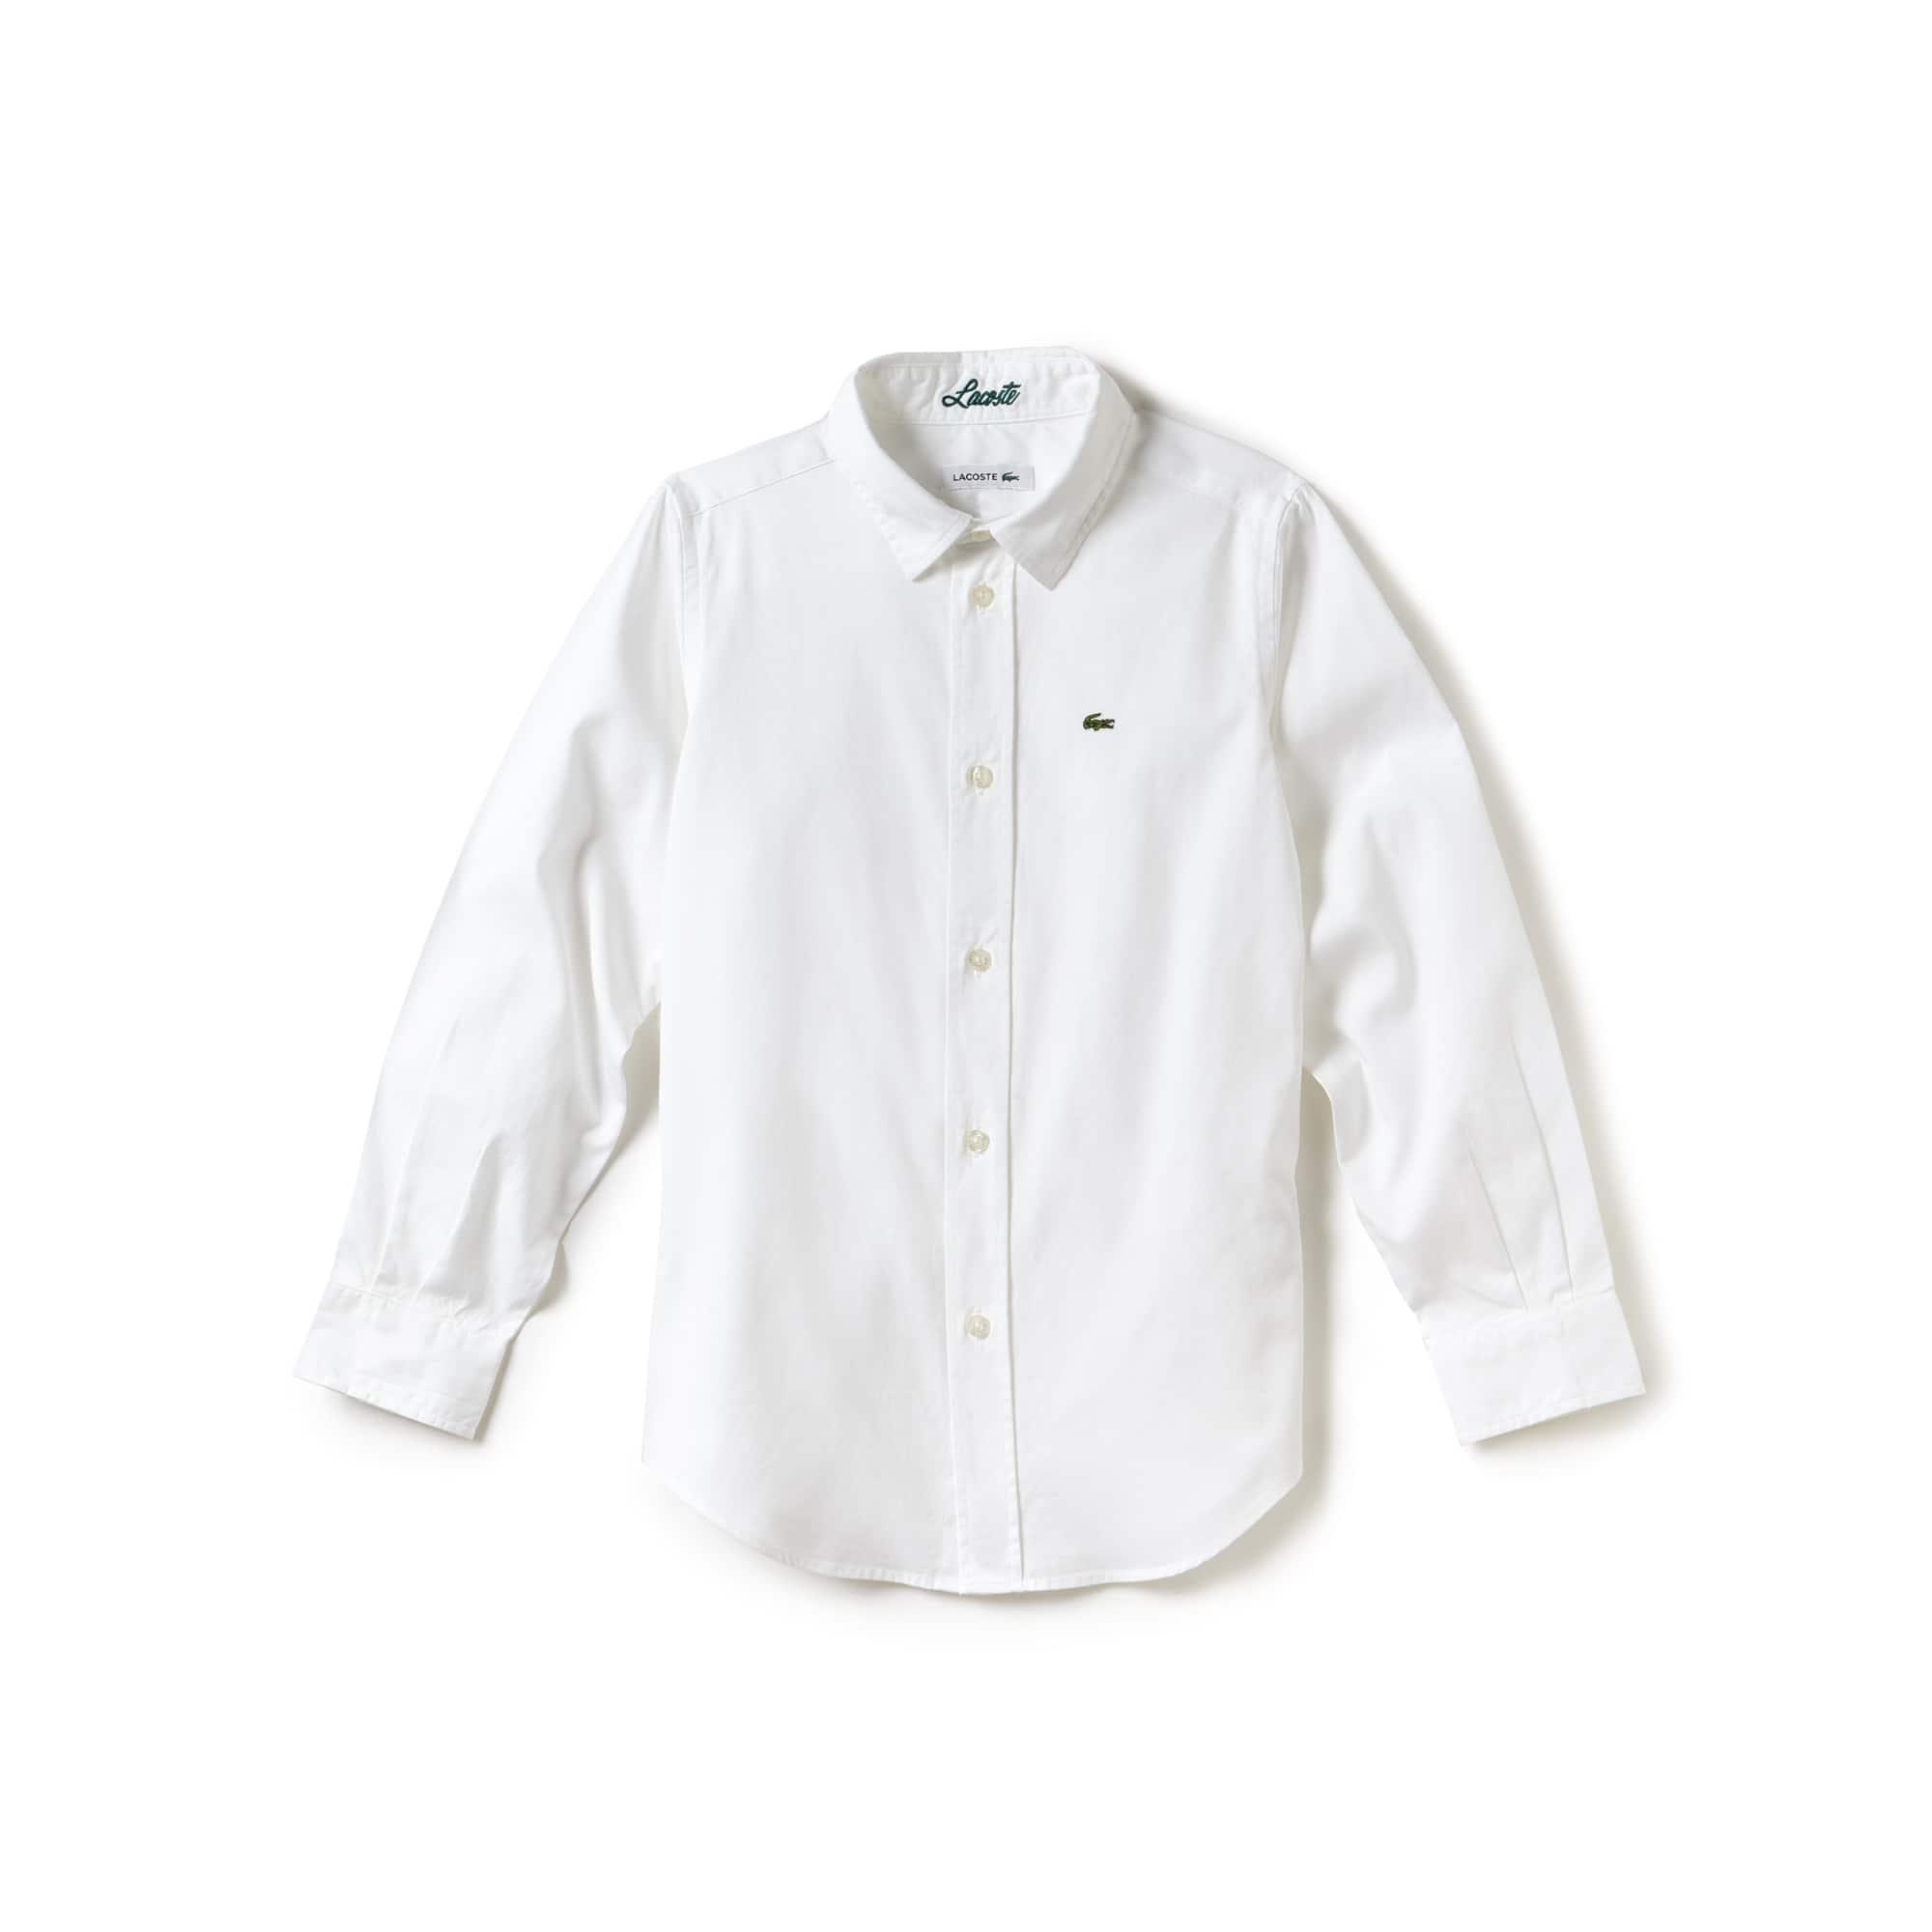 52d5ba4856 Shirts Chemises Vêtements T Garçon Lacoste amp; Enfant TqEd4wd